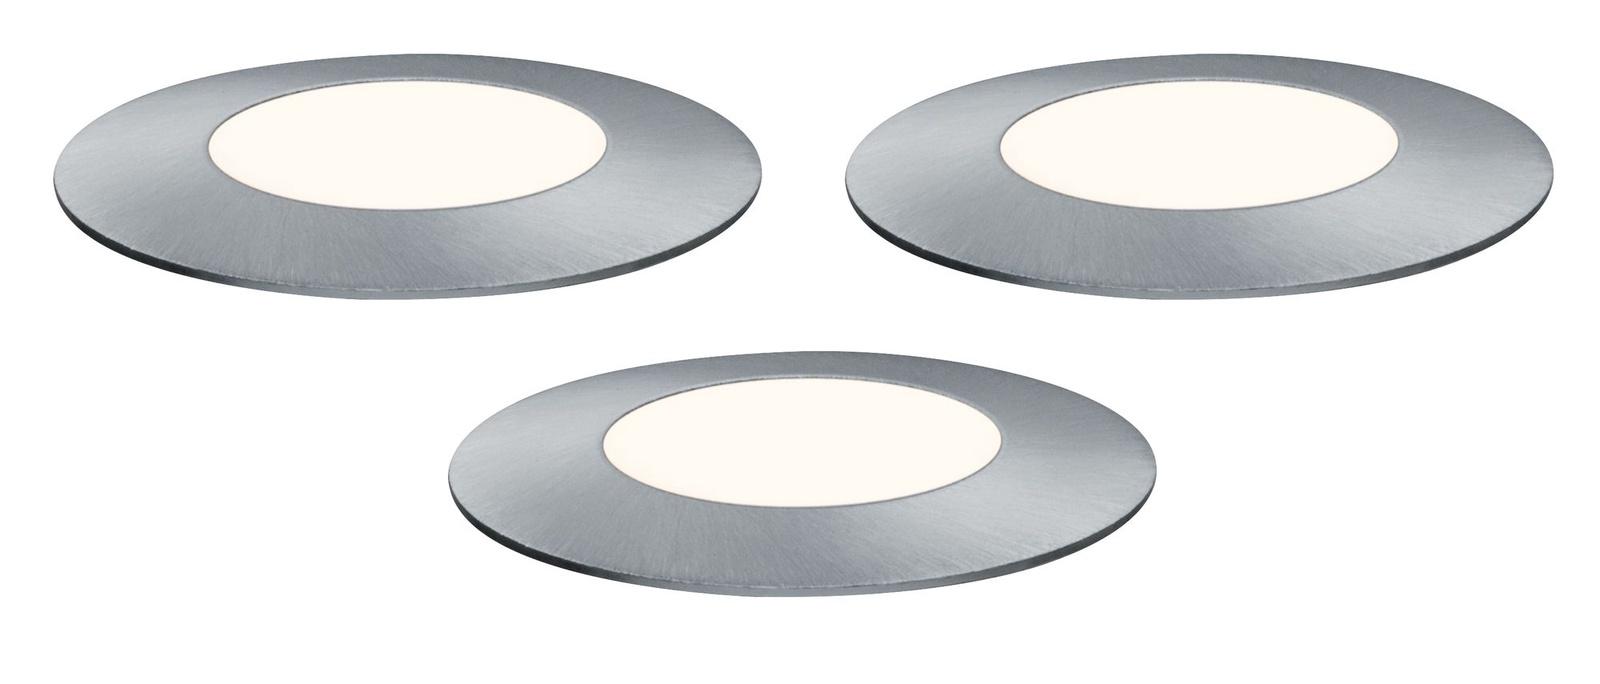 Уличный светильник Outd Plug+Shine Set 3x2,5W Boden EBL Sil уличный светильник outd 230v wandl tube ip54 e27 max15w alu